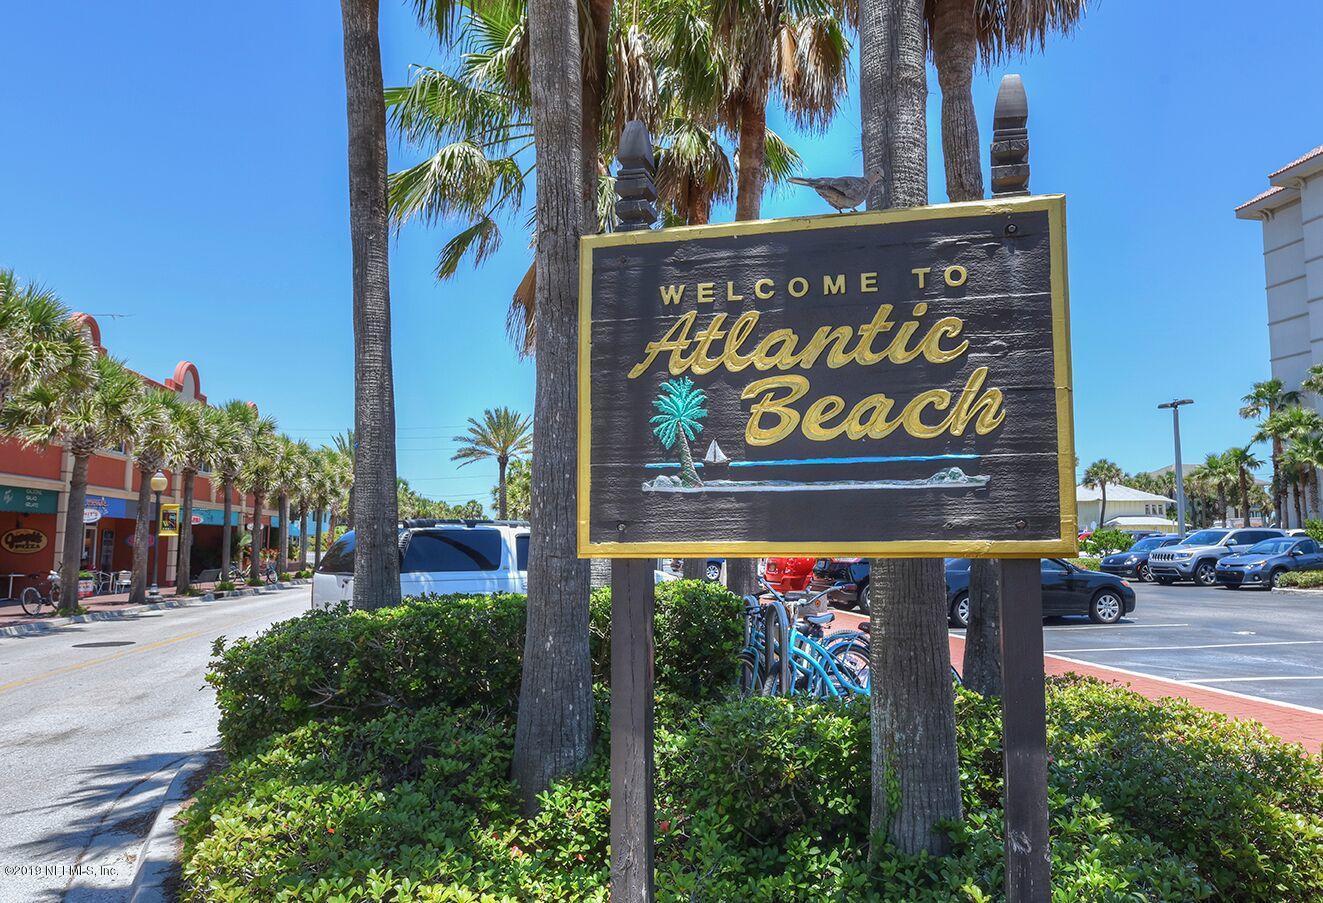 820 PARADISE LN ATLANTIC BEACH - 31